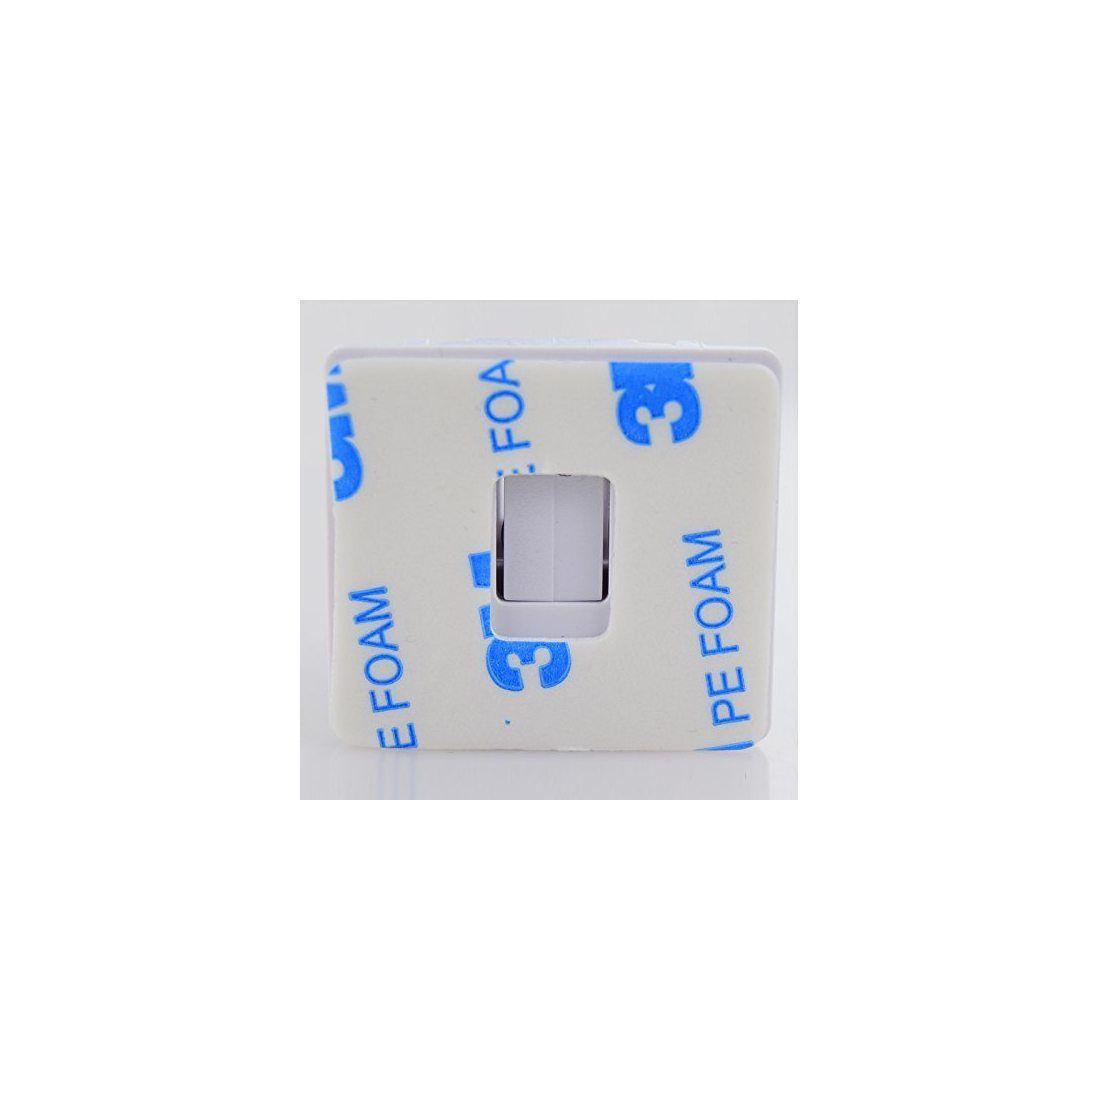 Bébé Magnétiques Placard Serrures de ORCHIDS (4 locks 1 clés) Enfant Sécurité Cabinet Sécurité Tiroir. Verrous Magnétique Blo